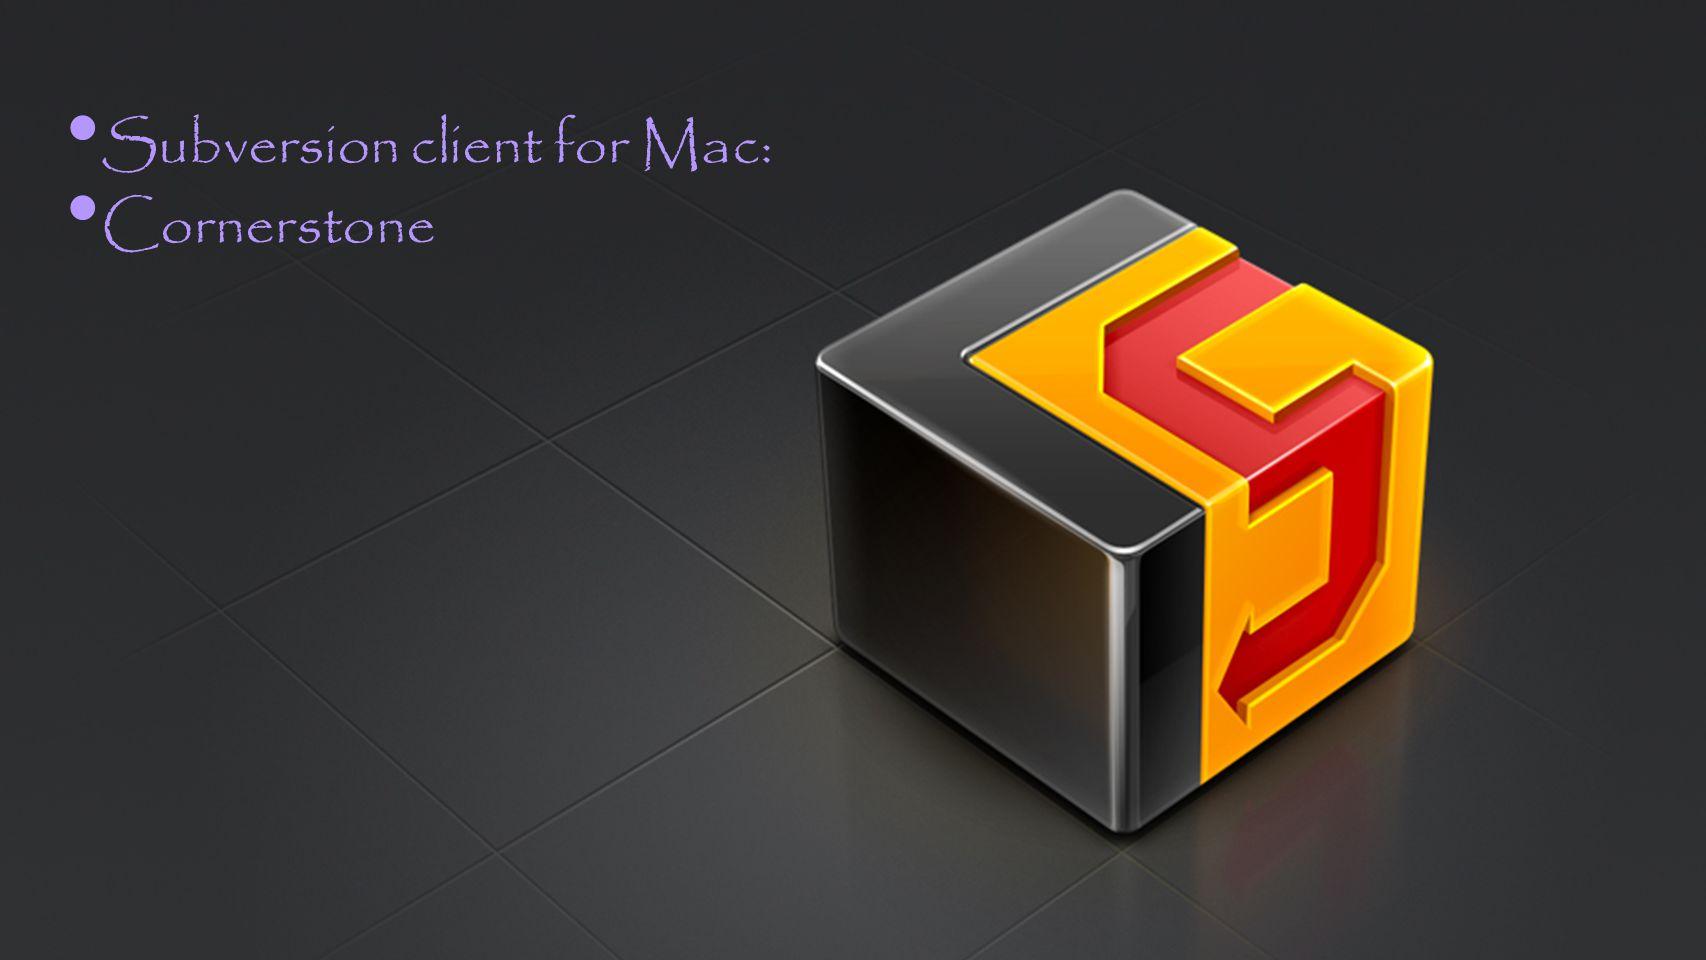 Subversion client for Mac: